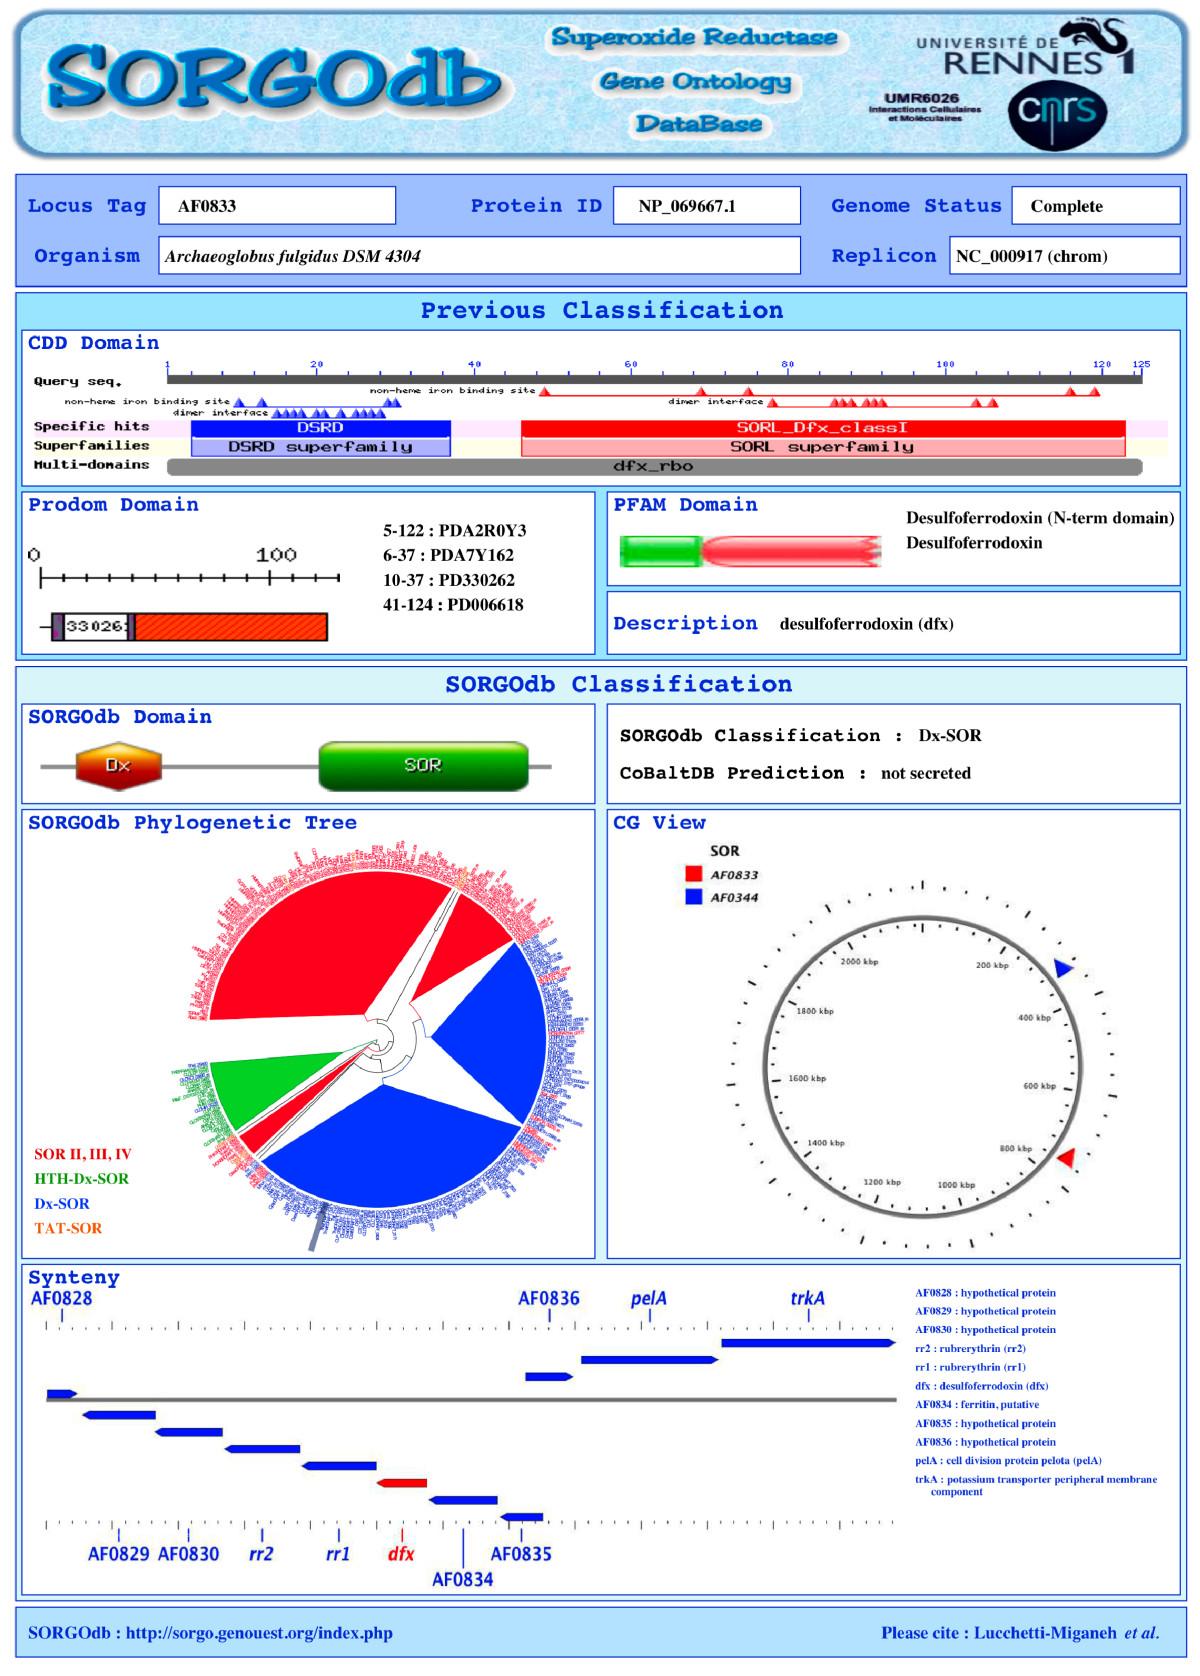 SORGOdb: Superoxide Reductase Gene Ontology curated DataBase